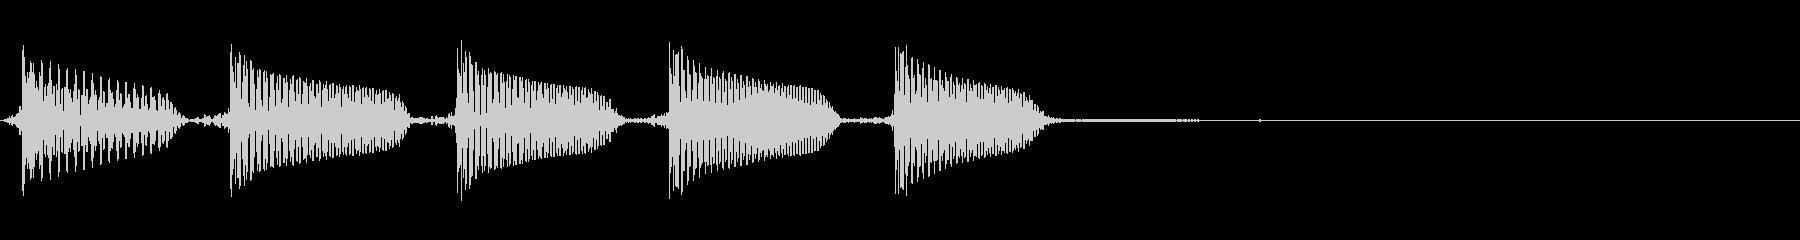 エレキギター:スニークアップアクセ...の未再生の波形